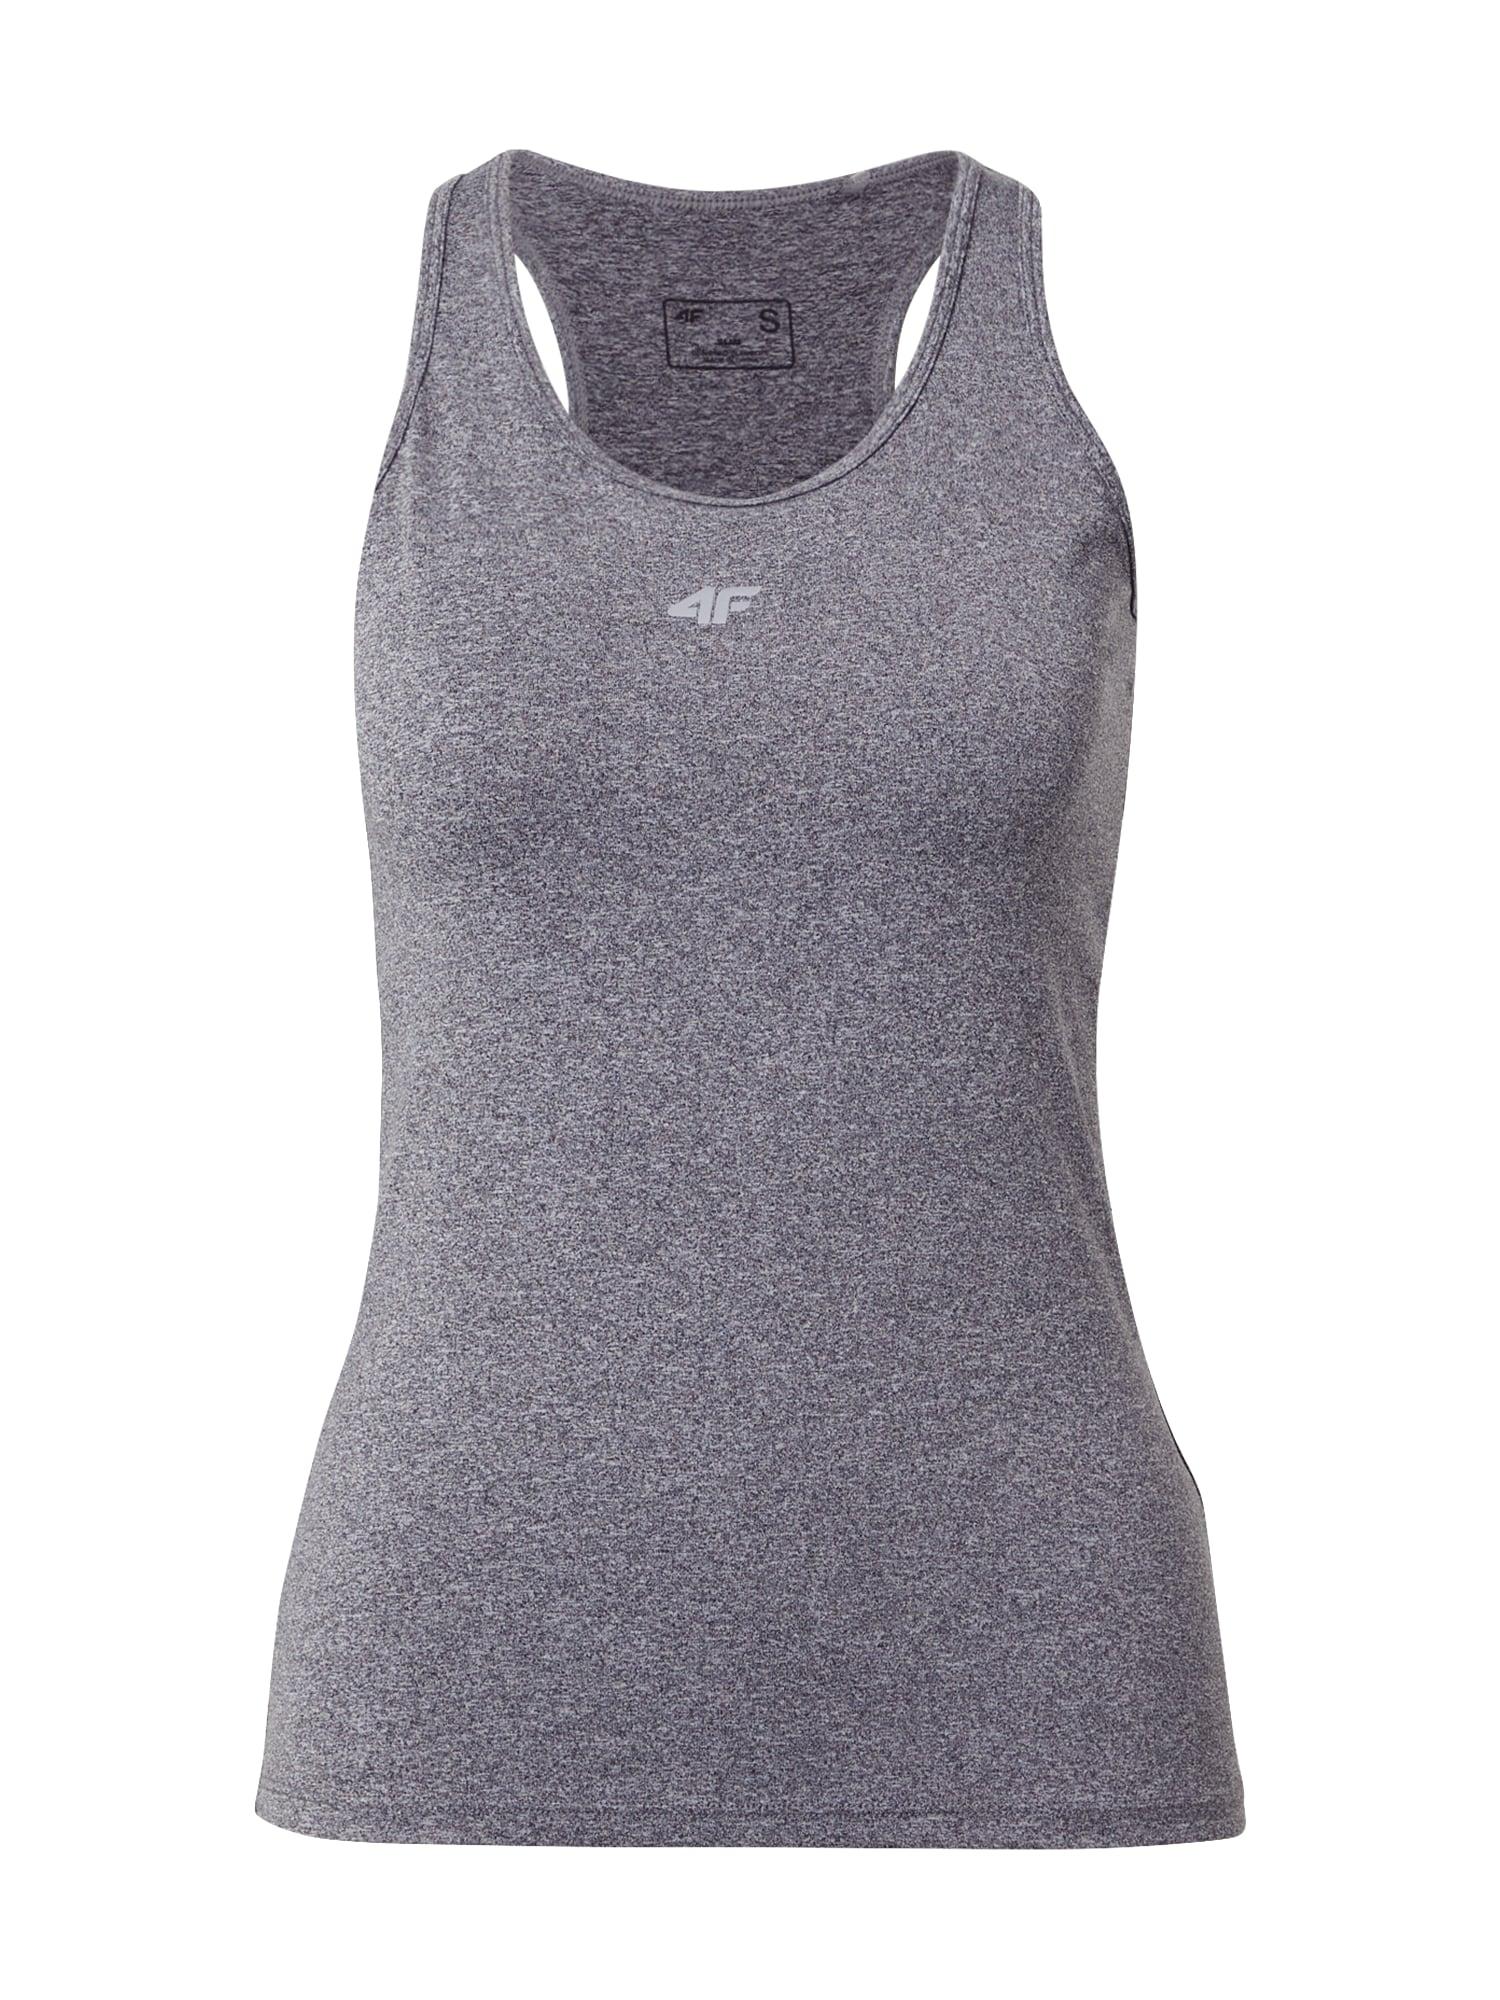 4F Sportiniai marškinėliai be rankovių margai pilka